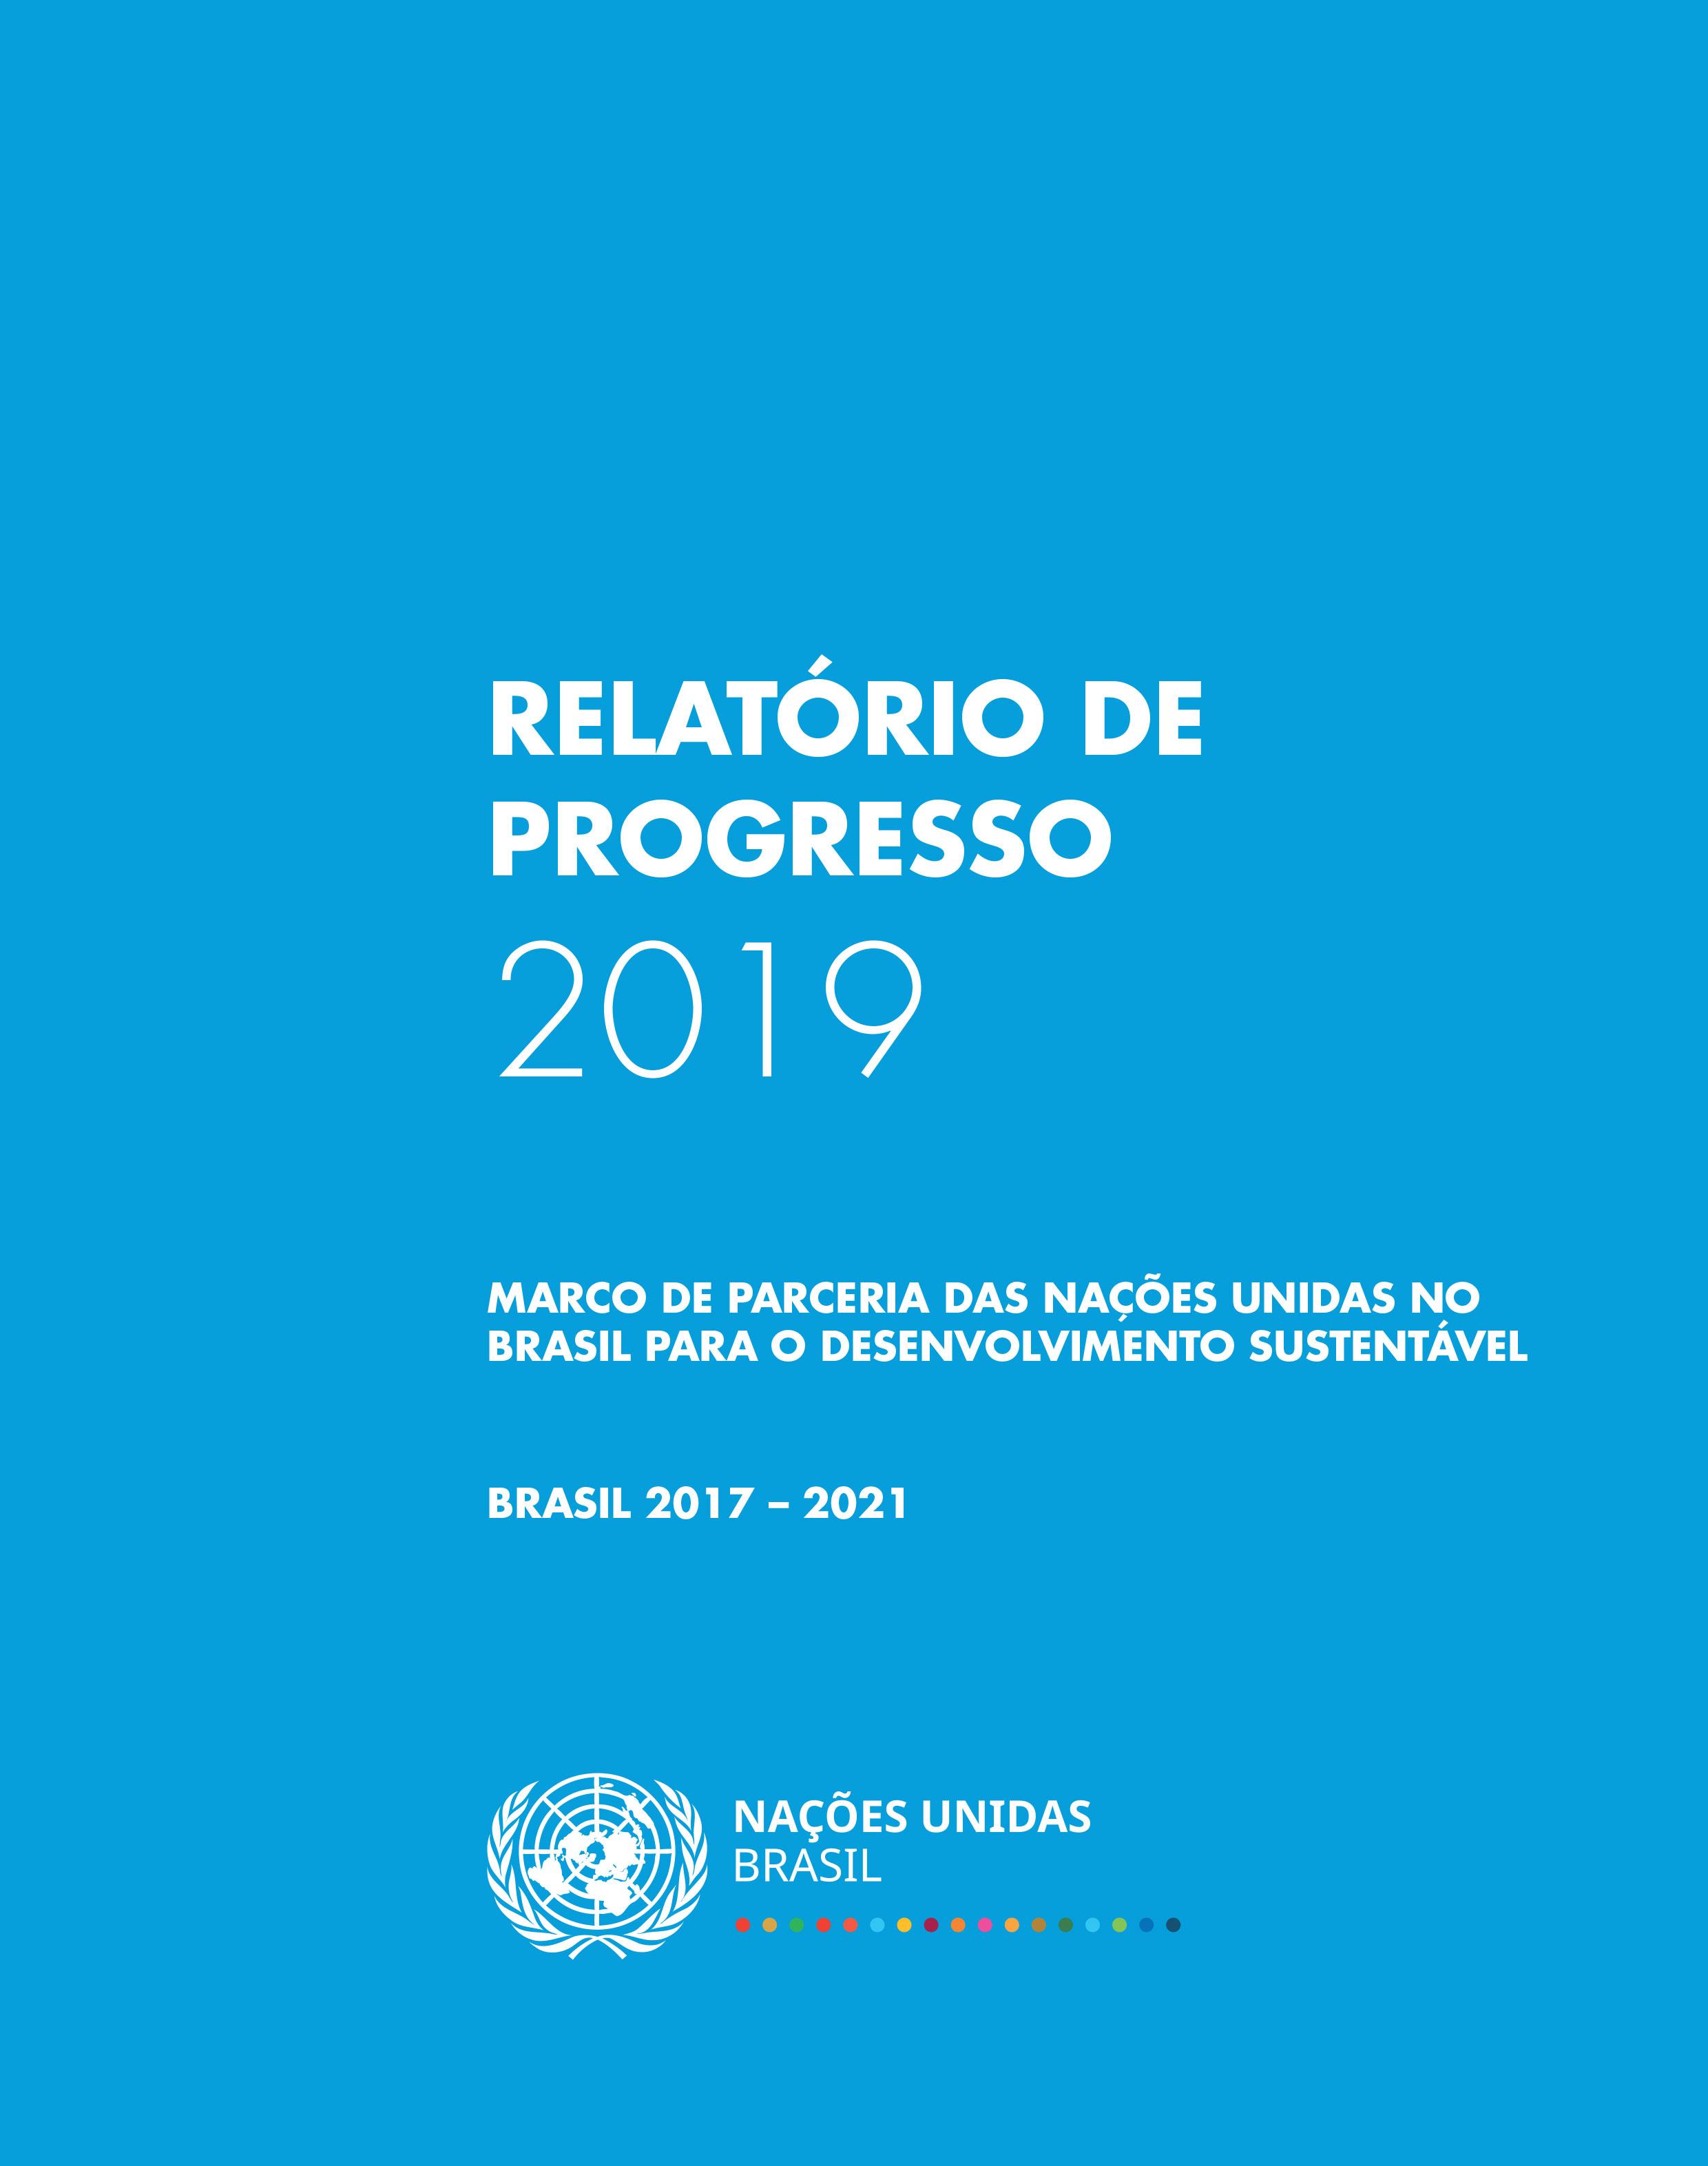 Marco de Parceria das Nações Unidas para o Desenvolvimento Sustentável 2017-2021: relatório de progresso 2019